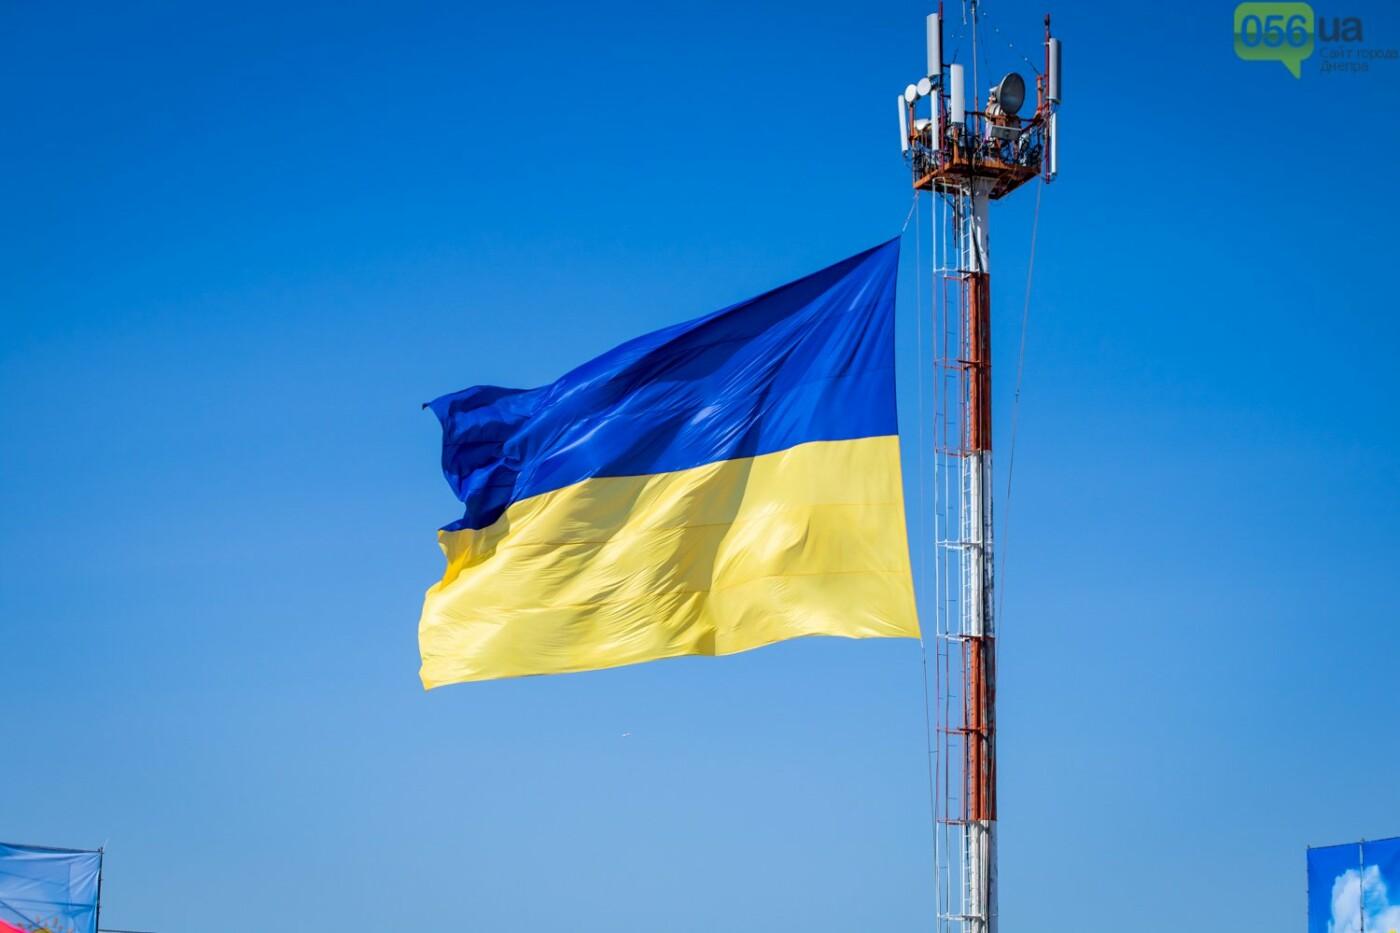 Под Днепром прошло масштабное авиашоу «Вільне небо»: как это было, - ФОТОРЕПОРТАЖ , фото-7